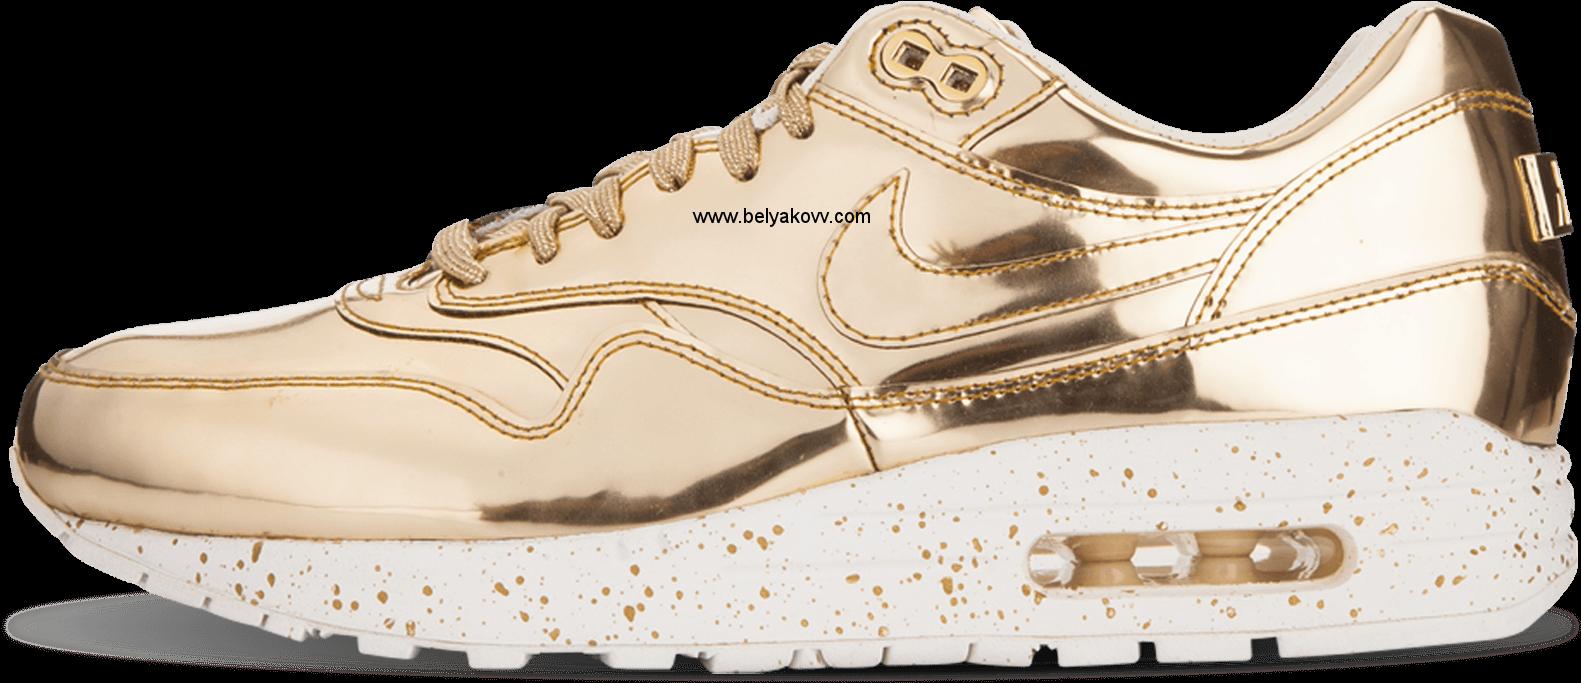 newest 6c8fb 74e43 Hip Nike Air Max 1 Sp Liquid Gold - Nike Air Max 1 Liquid Gold (